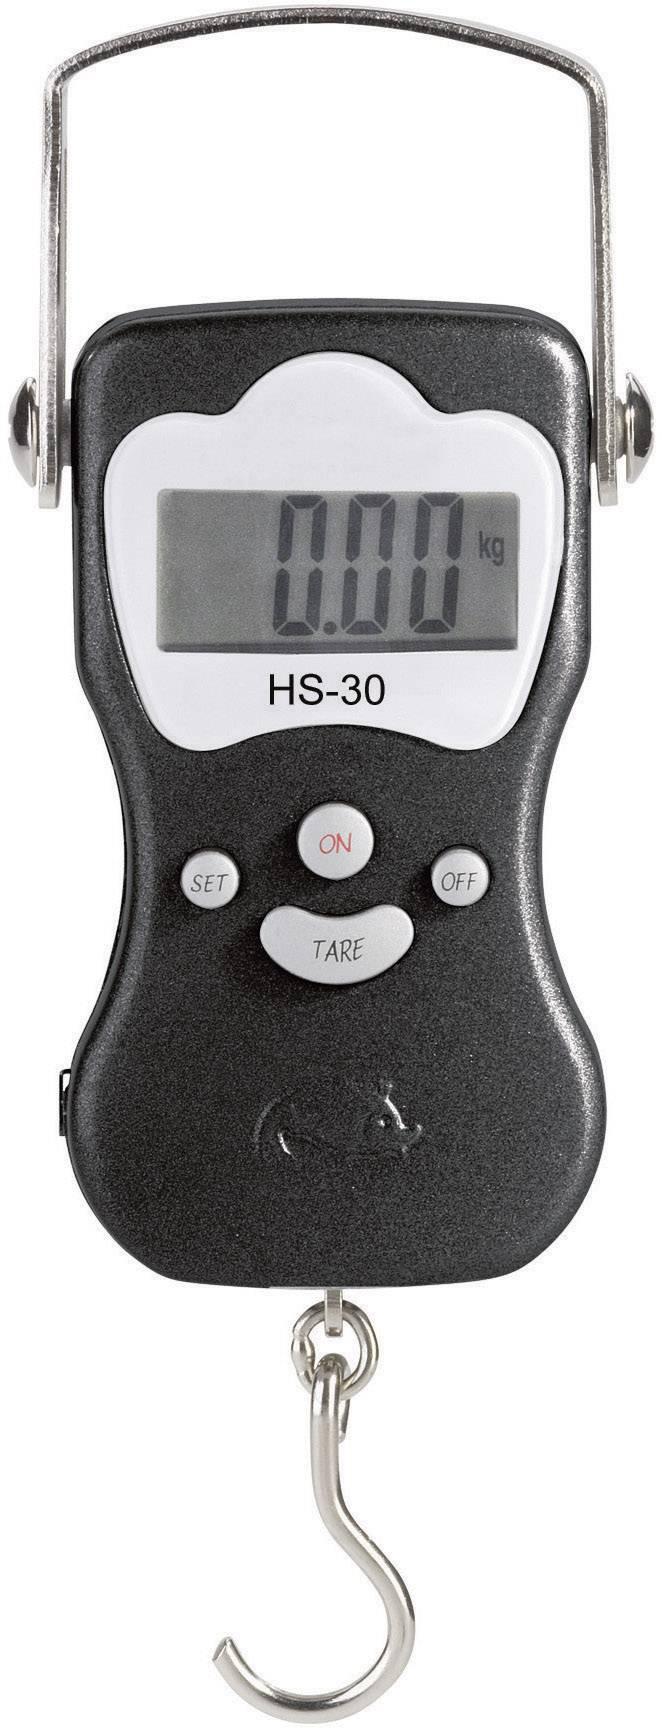 Závesná váha VOLTCRAFT HS-30, max.váživosť 30 kg, presnosť 20 g